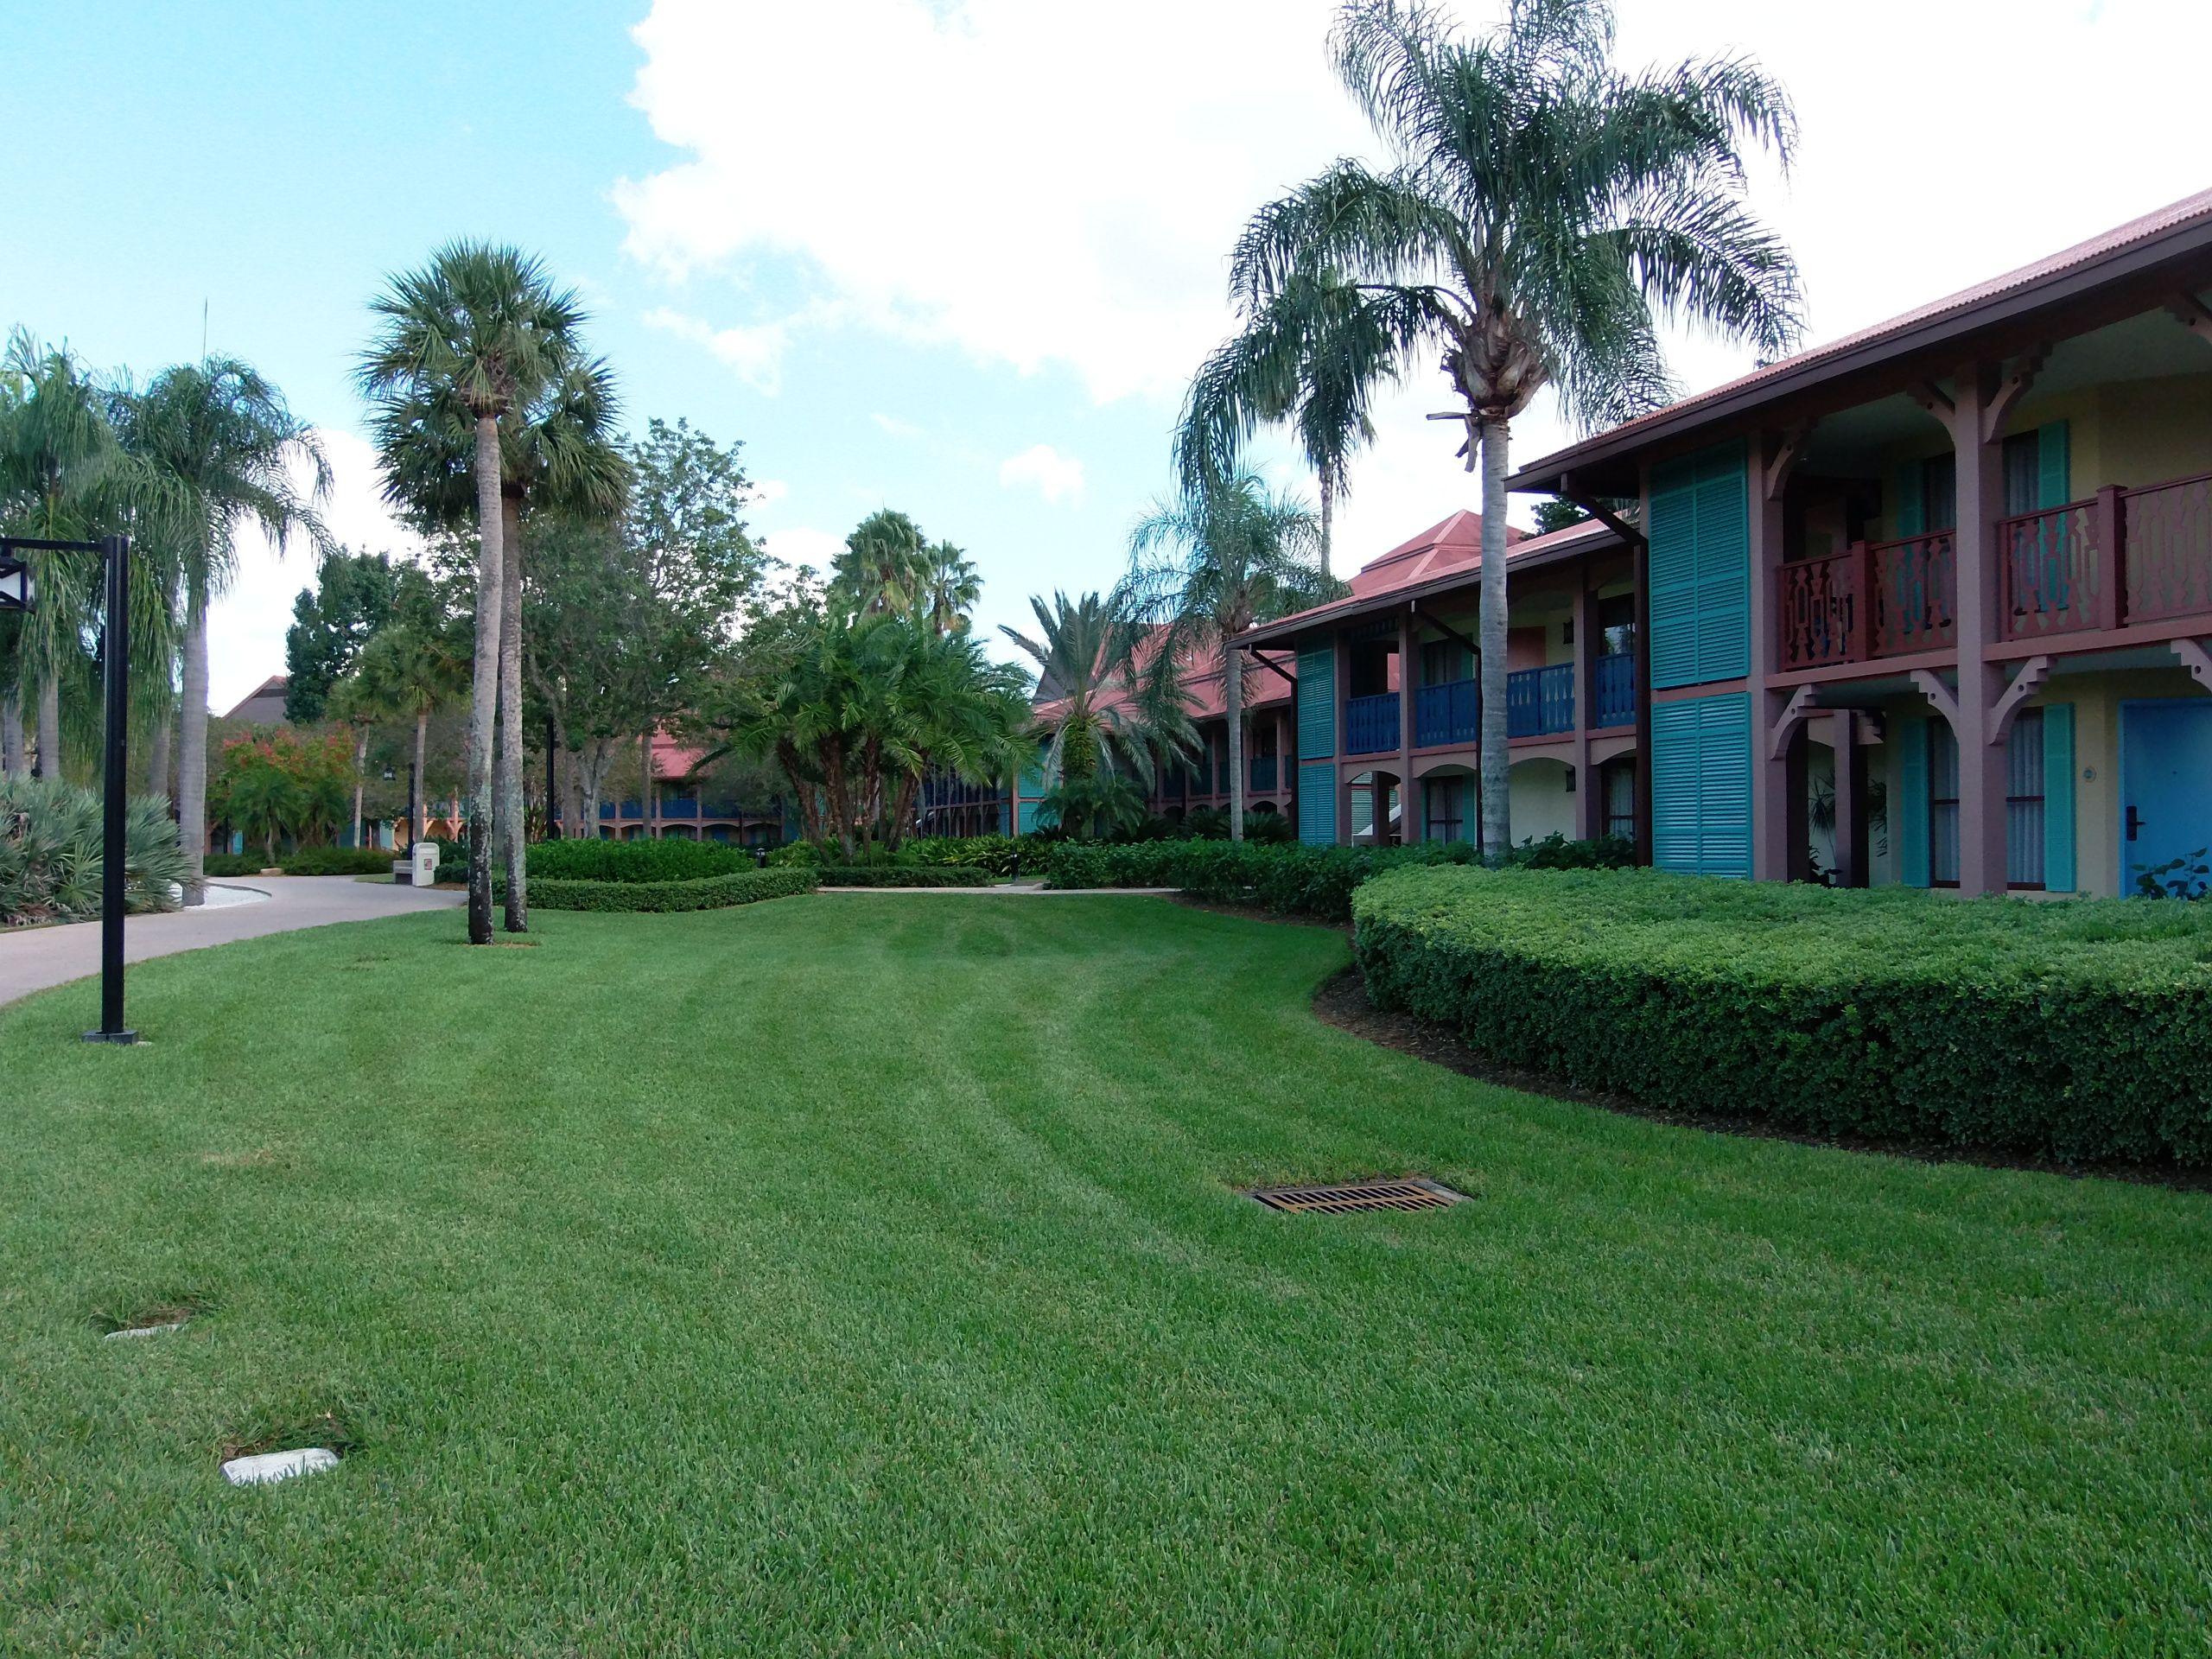 Cabanas Lawn Coronado Springs Resort Resort Coronado Springs